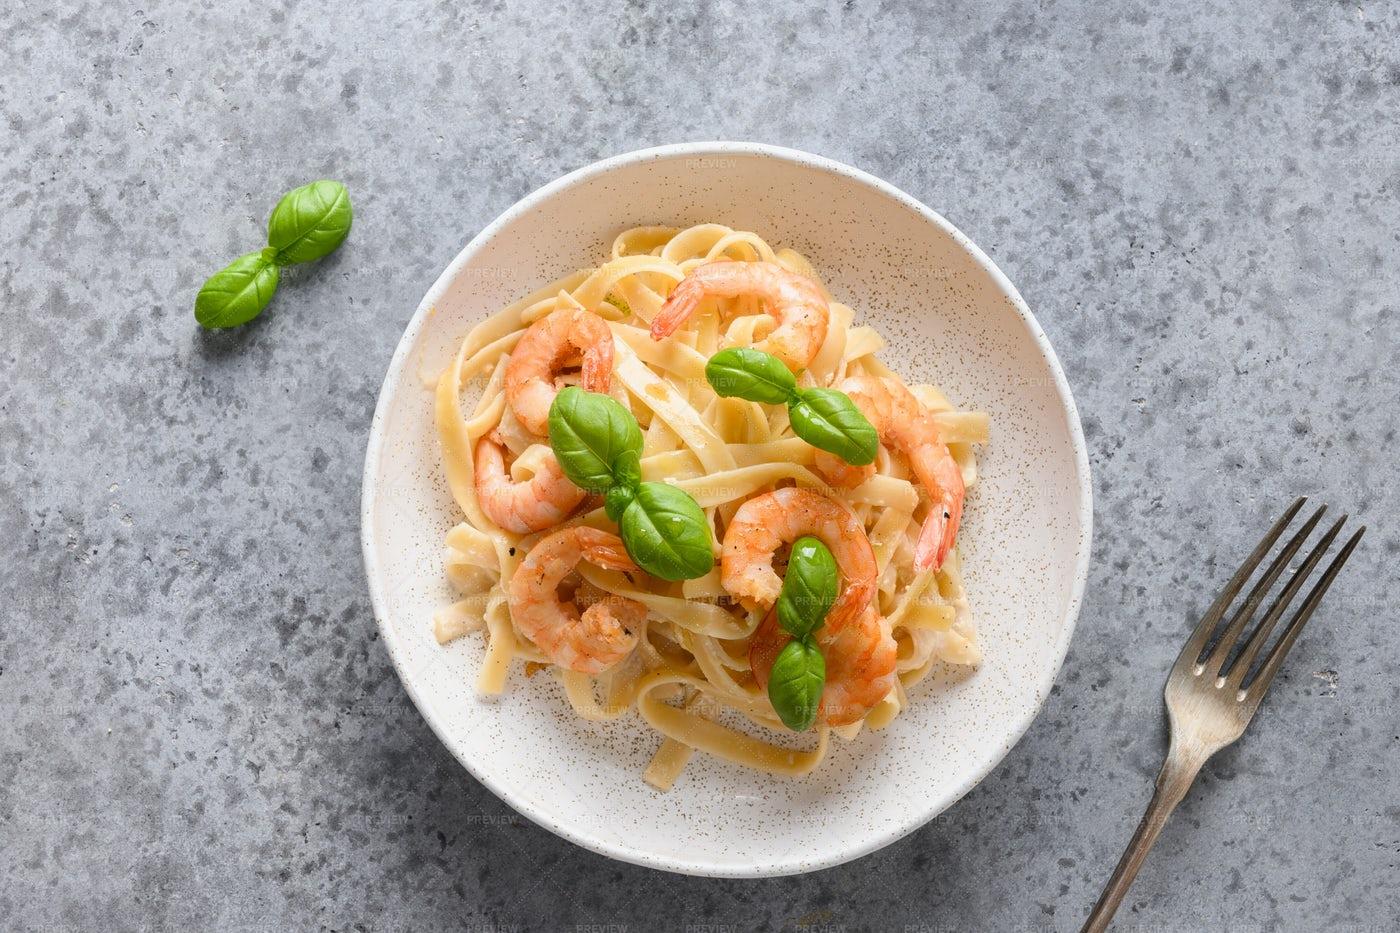 Fettuccine With Shrimps: Stock Photos